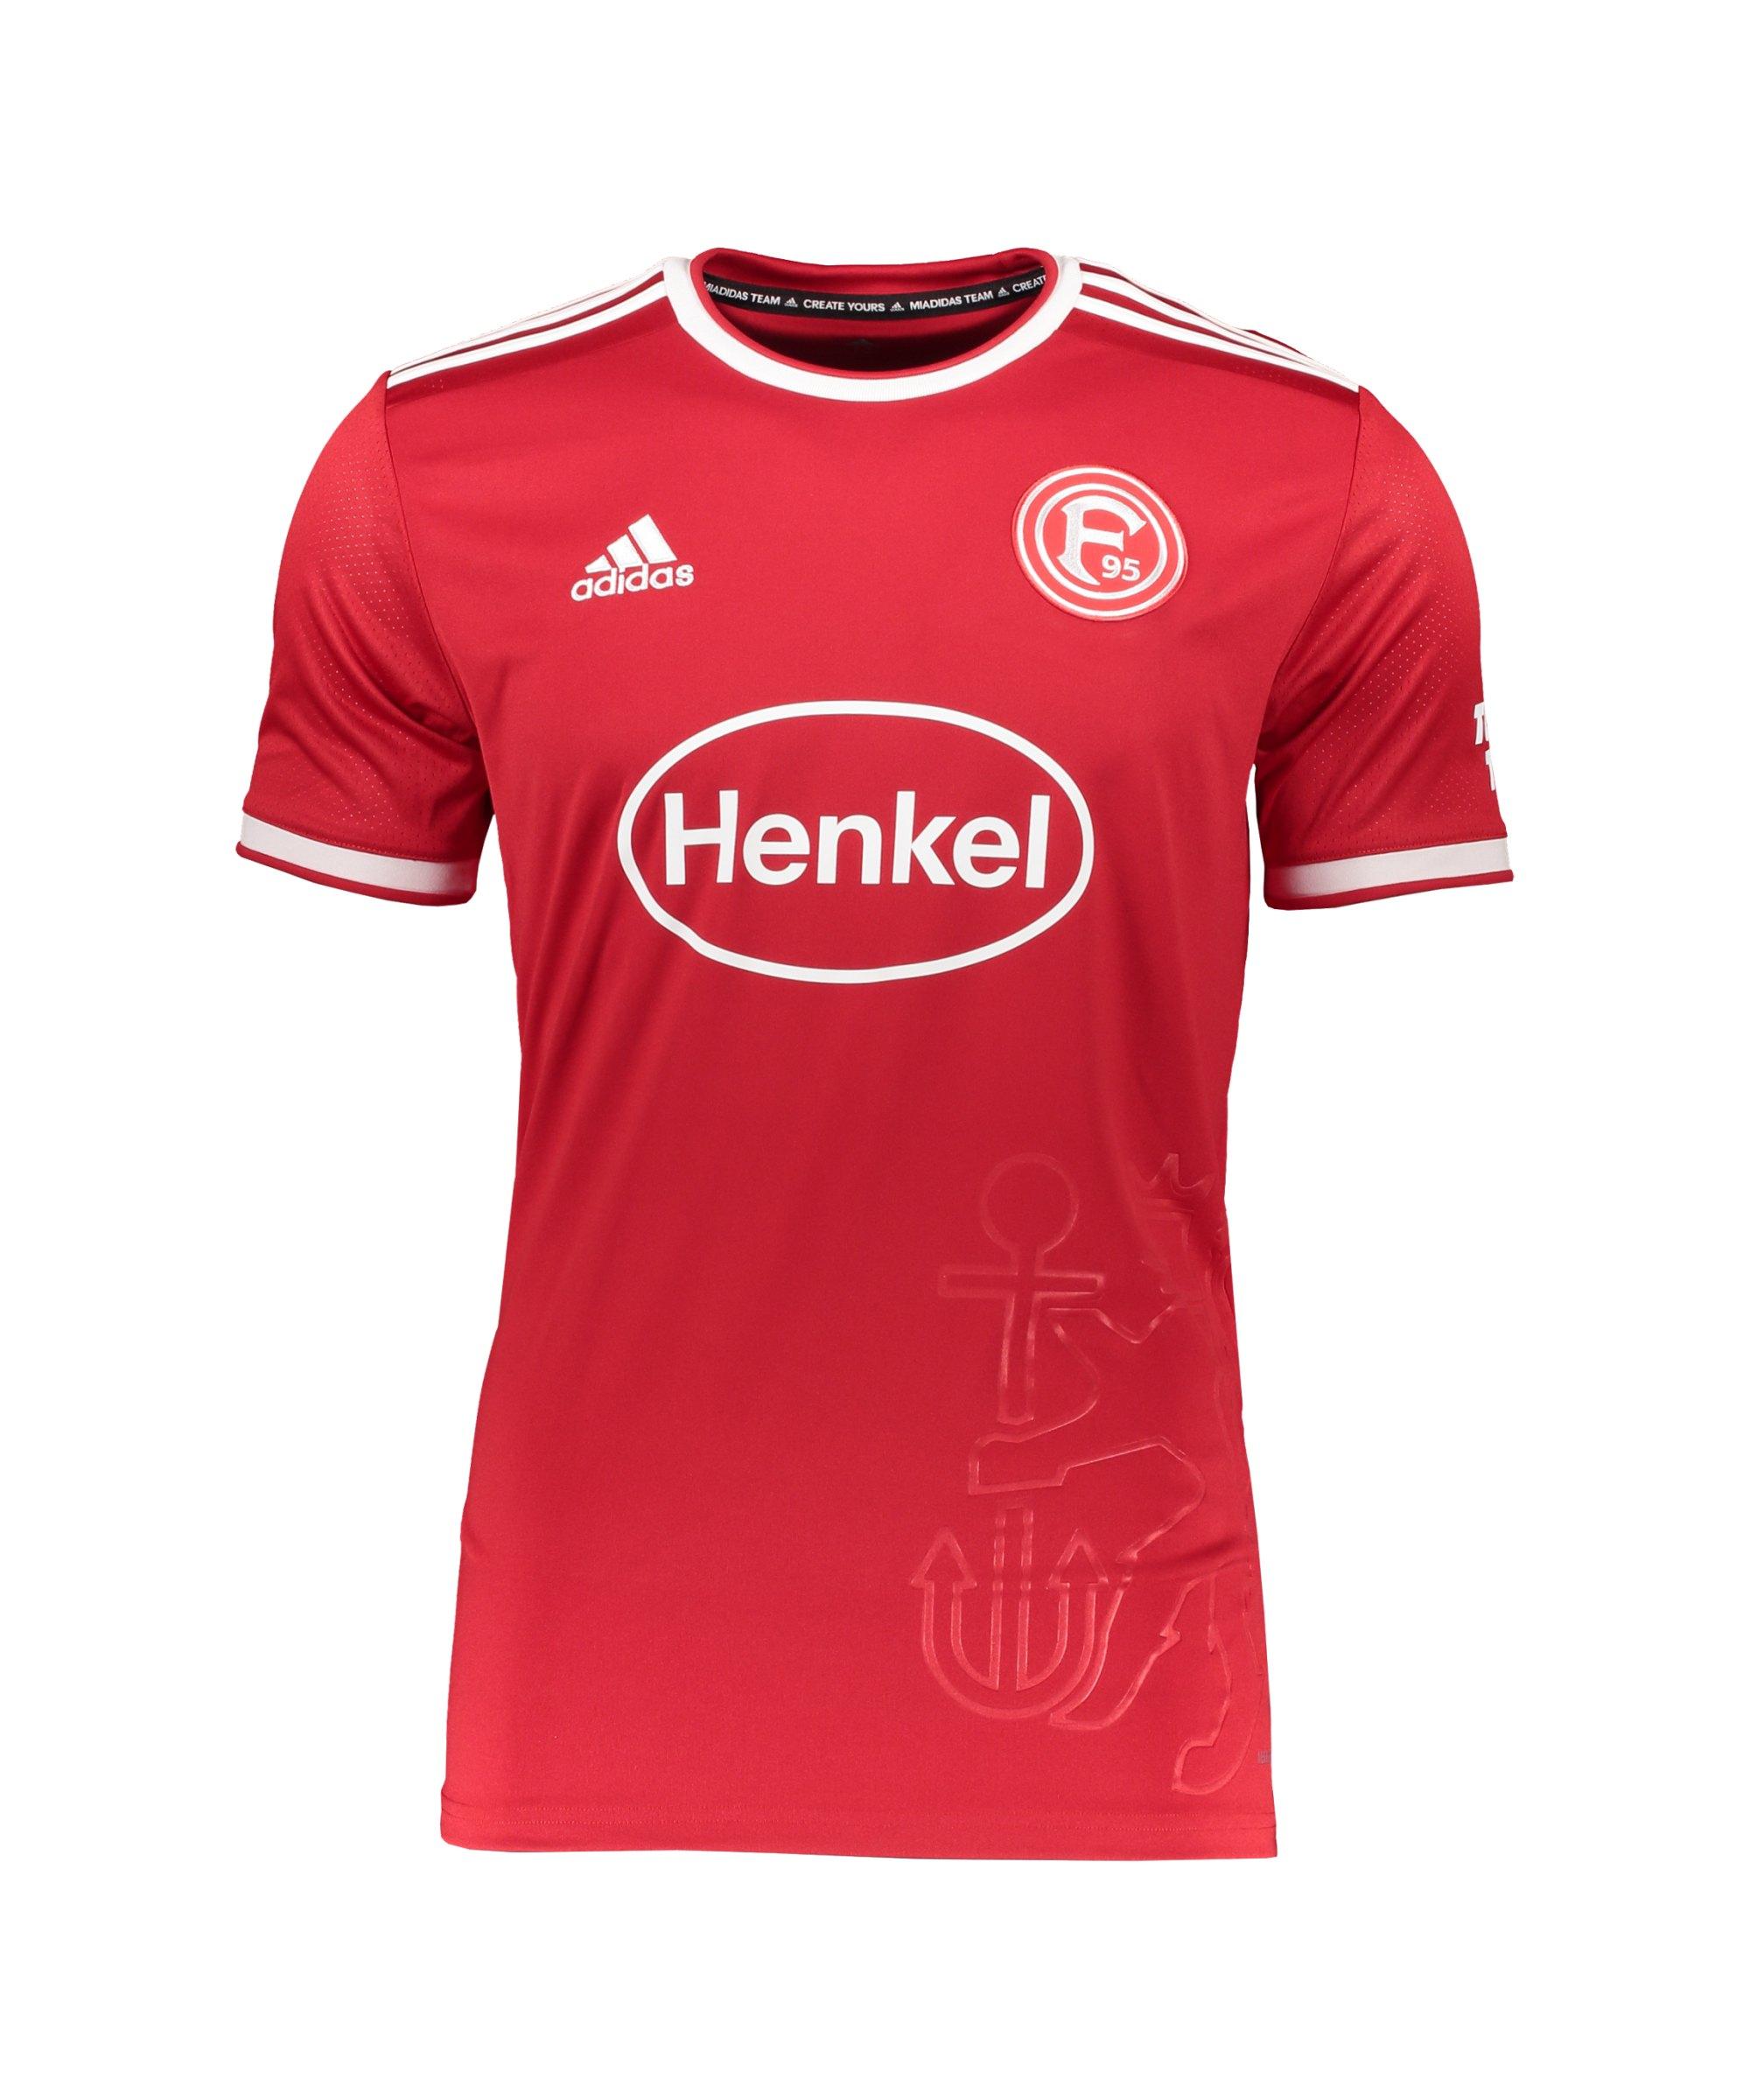 adidas Fortuna Düsseldorf Trikot Home 2021/2022 Kids Rot - rot